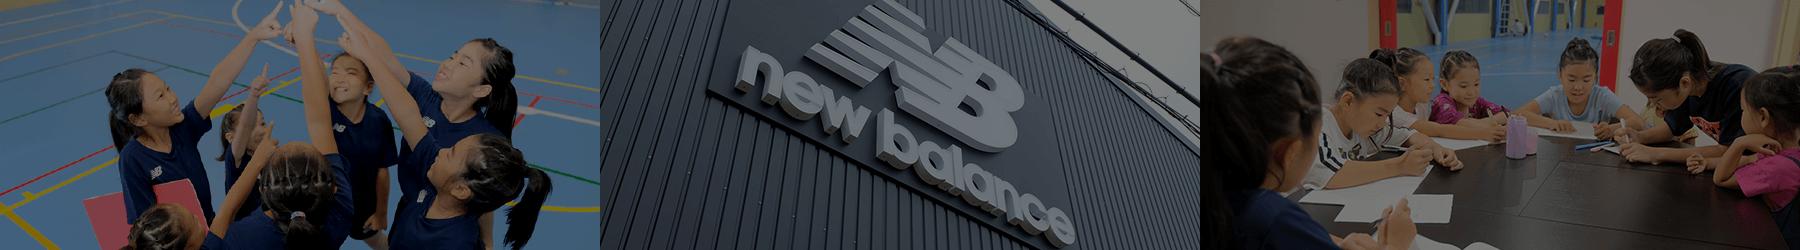 ニューバランスアリーナ|new balance arena